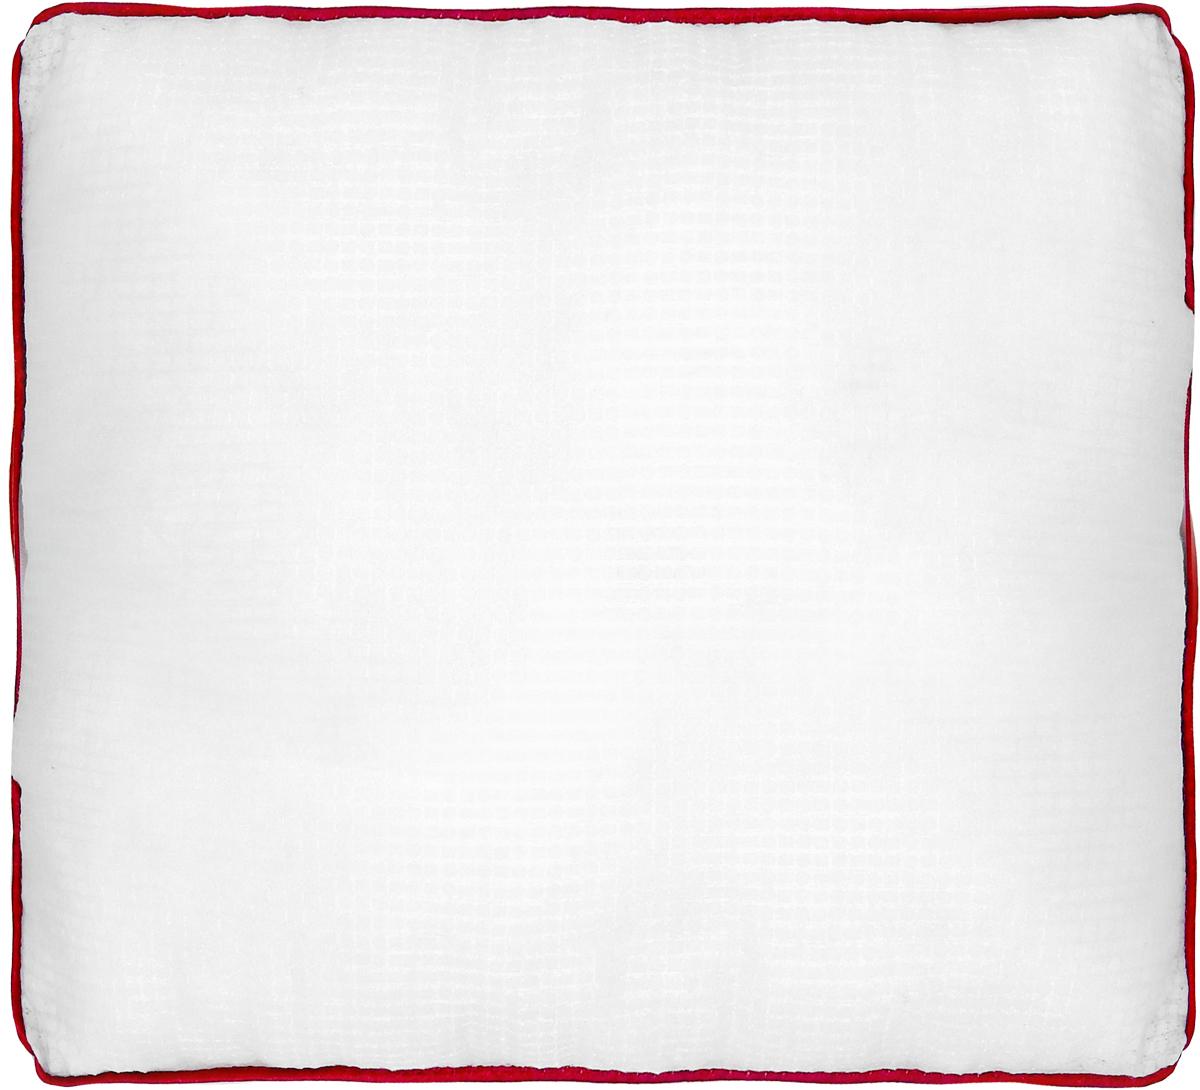 Подушка Smart Textile Невесомость, наполнитель: бамбук, цвет: белый, 70 х 70 см. OU020140.16.70.0288Компания Умный текстиль создала неповторимую подушку, которая совмещает в себе технологию Outlast и наполнитель с бамбуковым волокном. Эта подушка предотвращает переохлаждение и перегрев – чем отличается от аналогичных товаров.Подушки мягкие, легкие и воздушные, а бамбуковый наполнитель напоминает вату или синтепон.Гипоаллергенное волокно бамбука легко пропускает воздух, не вызывает потливости. Оно мгновенно впитывает влагу и быстро высыхает, что особенно важно в летний зной.Подушки упруги, великолепно держат форму, а также отличаются достаточной жесткостью. Сон на такой подушке не принесет болей в шее и позвоночнике. Подушки не накапливают запахов, не требуют химчистки. Они долговечны и прочны.